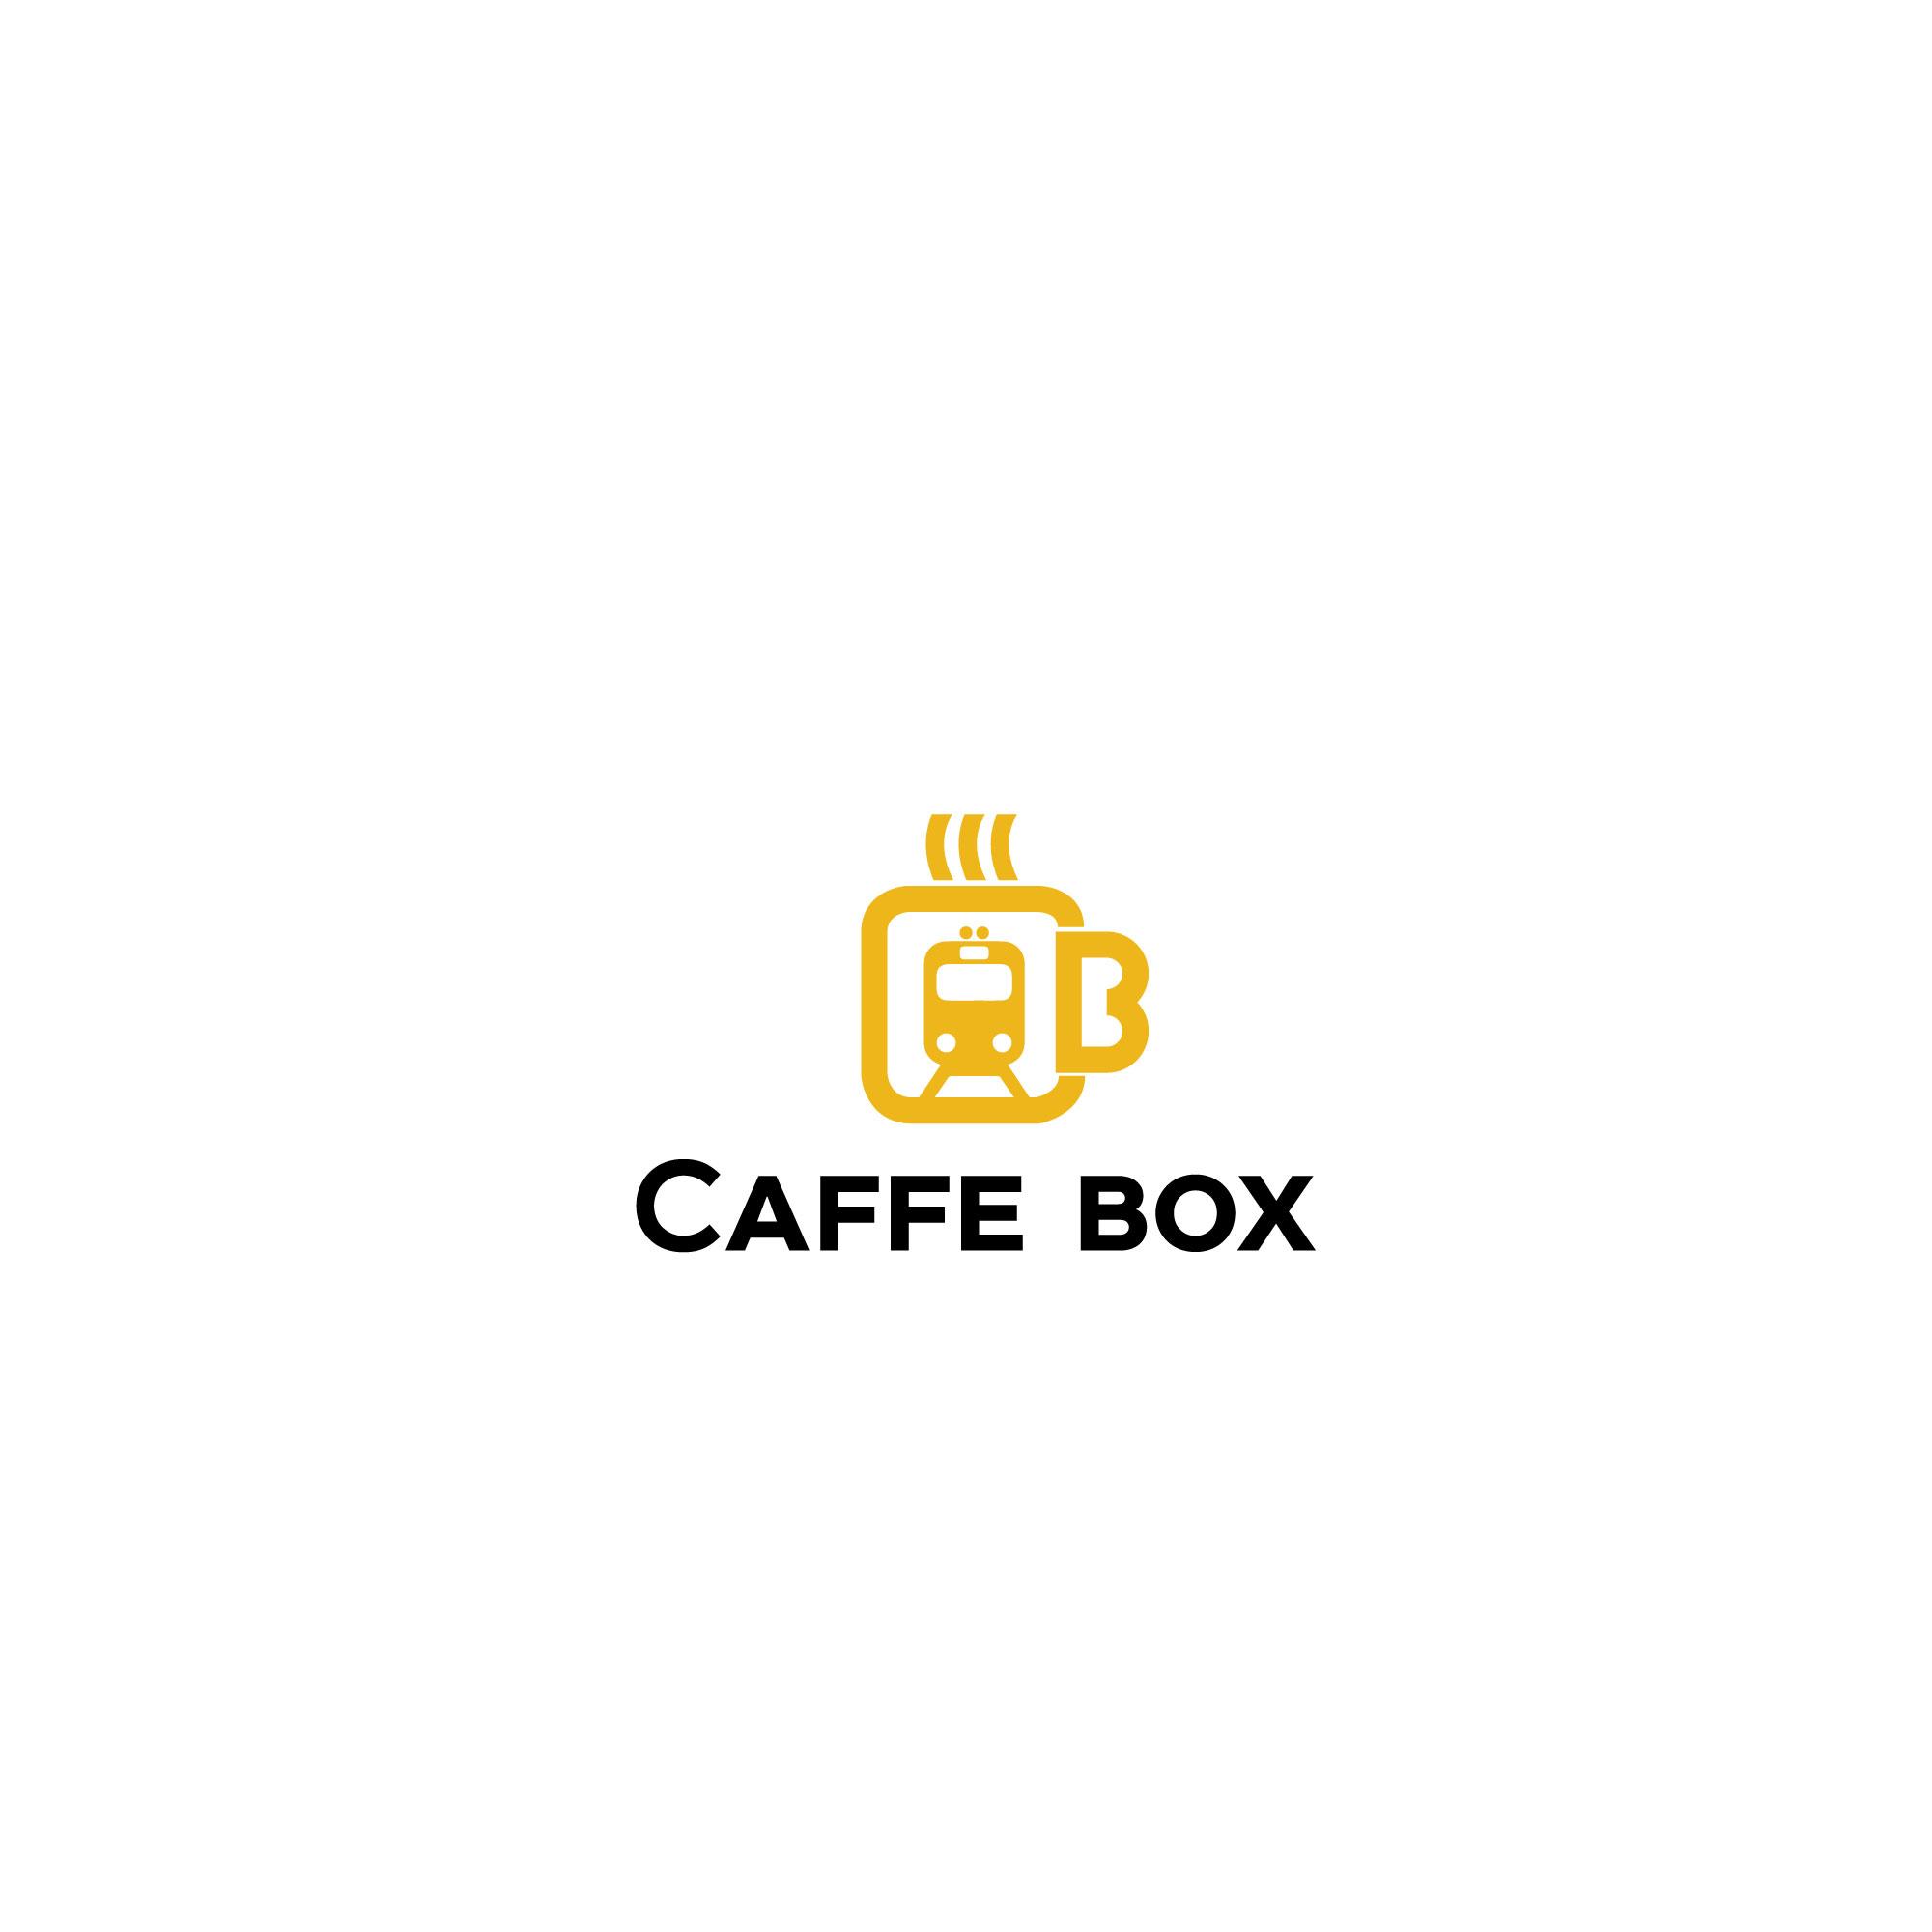 Требуется очень срочно разработать логотип кофейни! фото f_2585a0ac293970b6.jpg